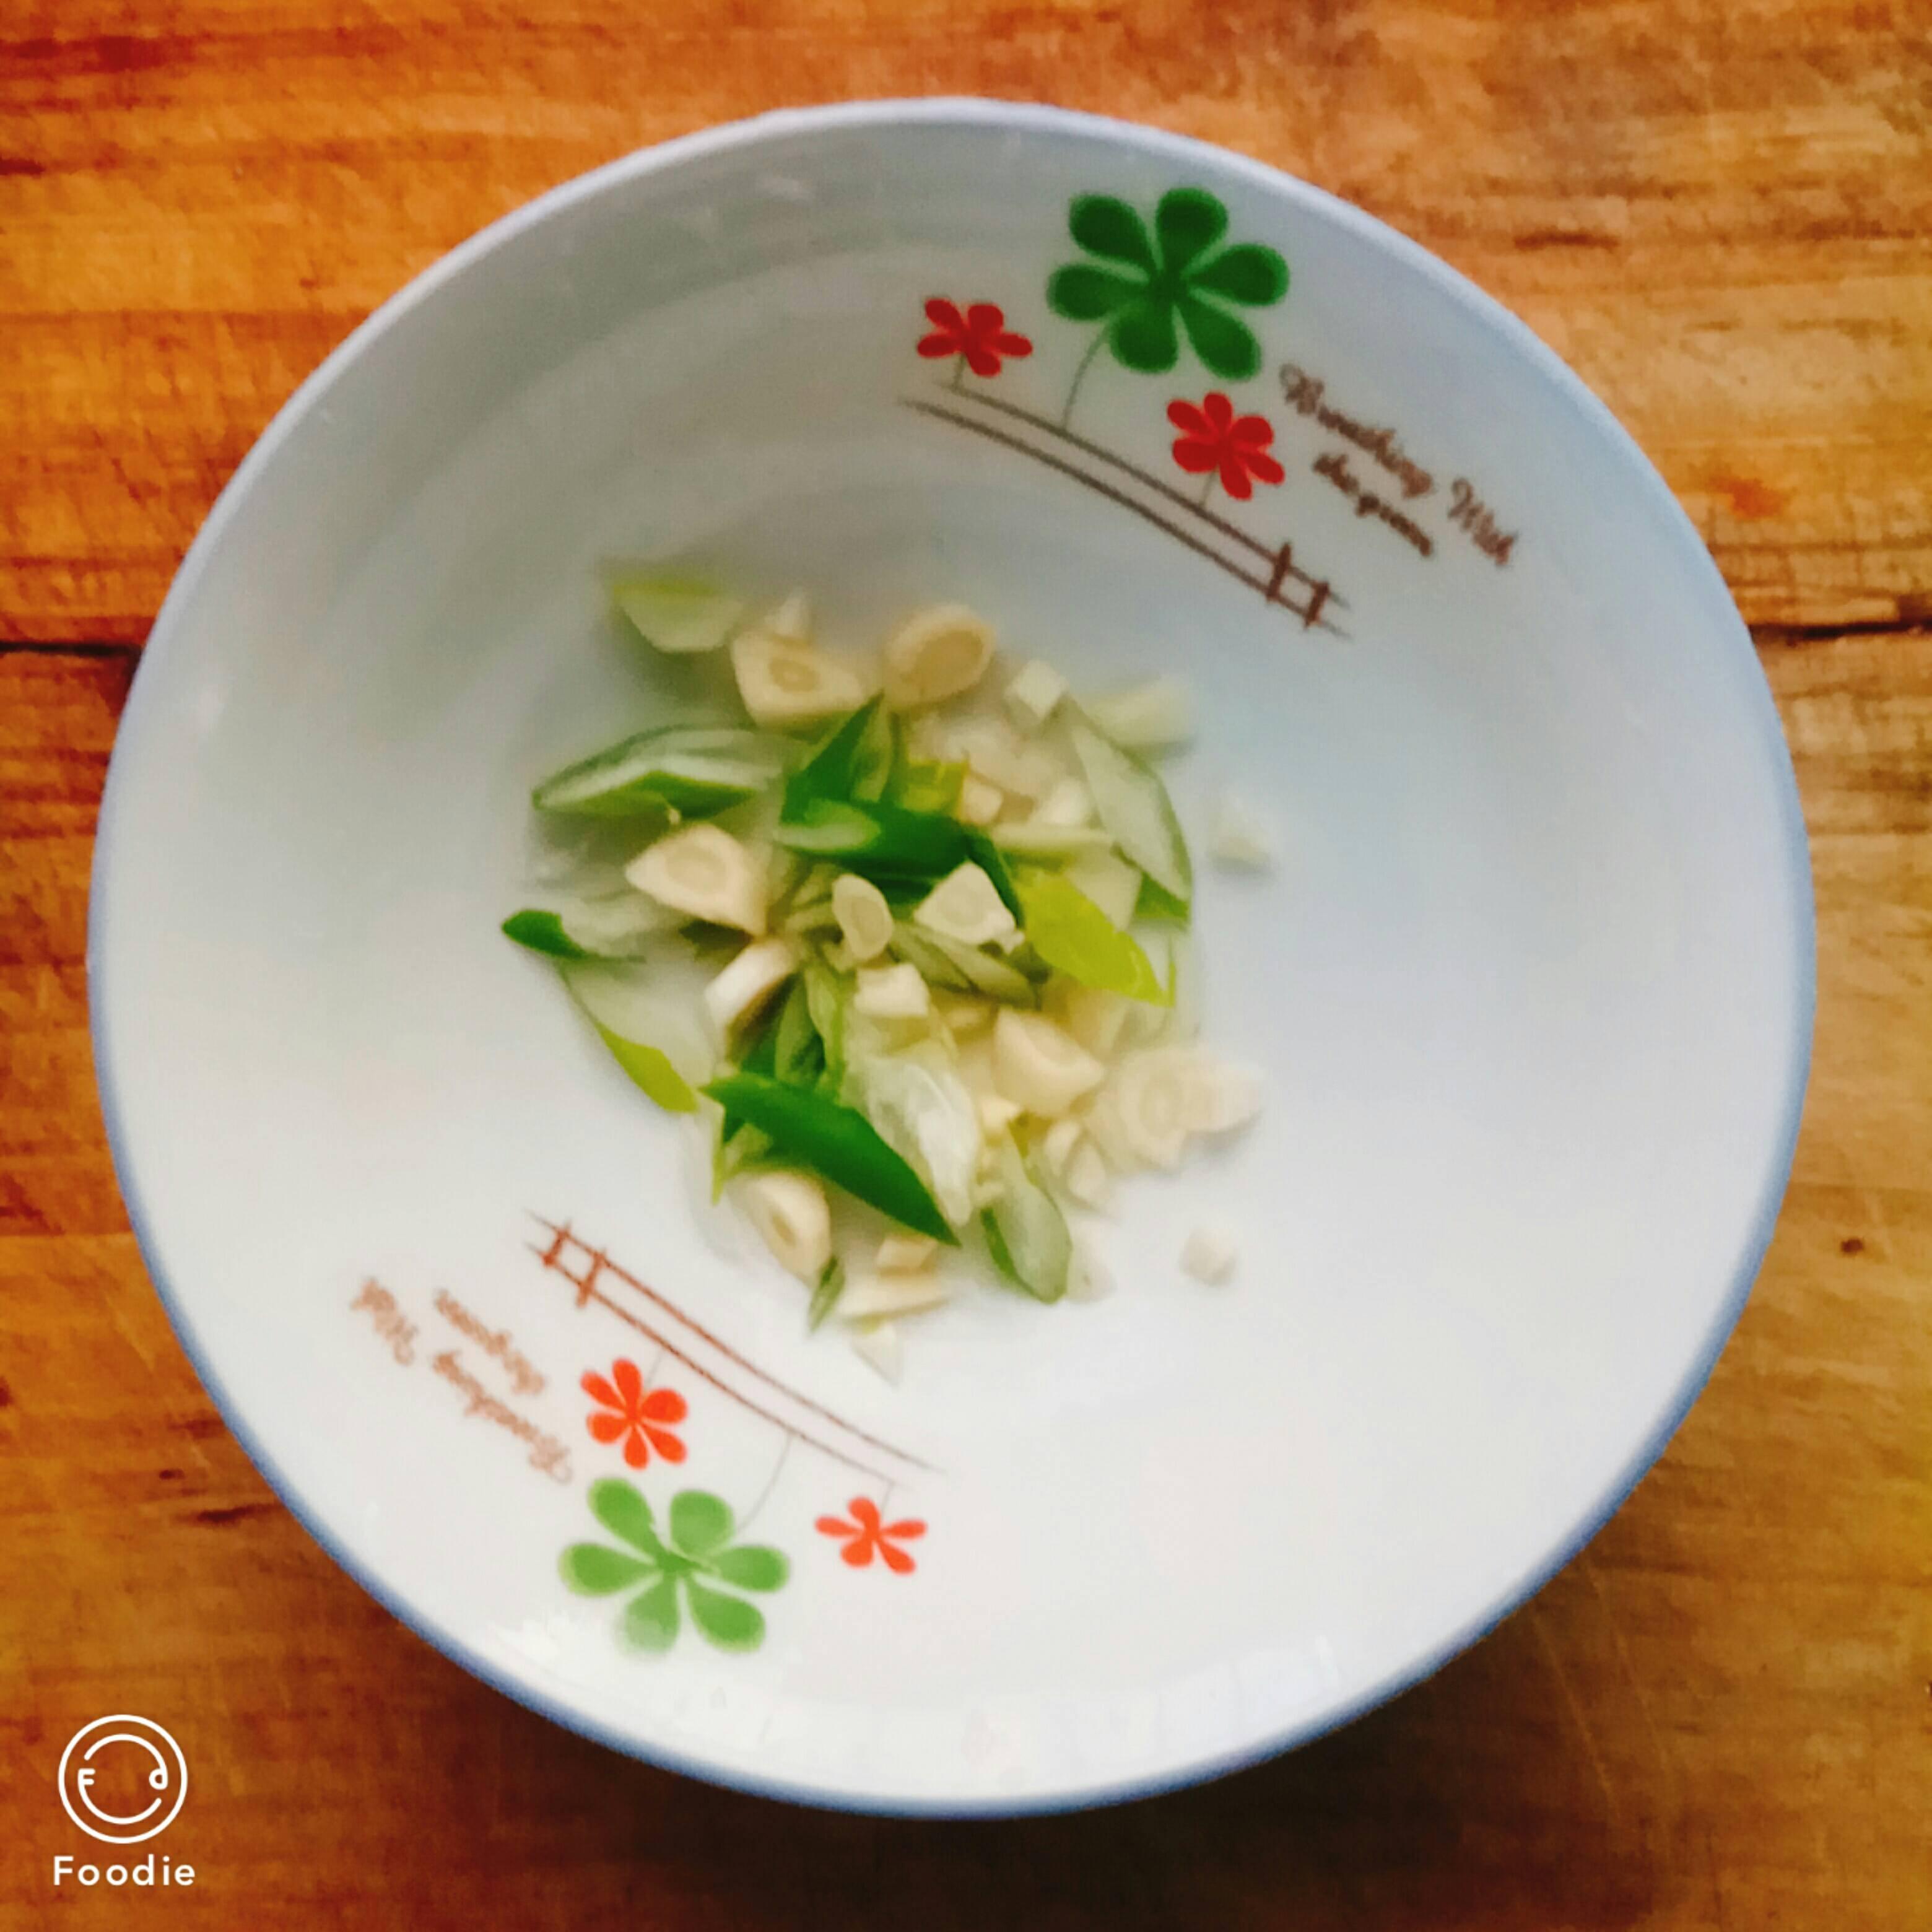 肥牛绿豆芽的做法图解